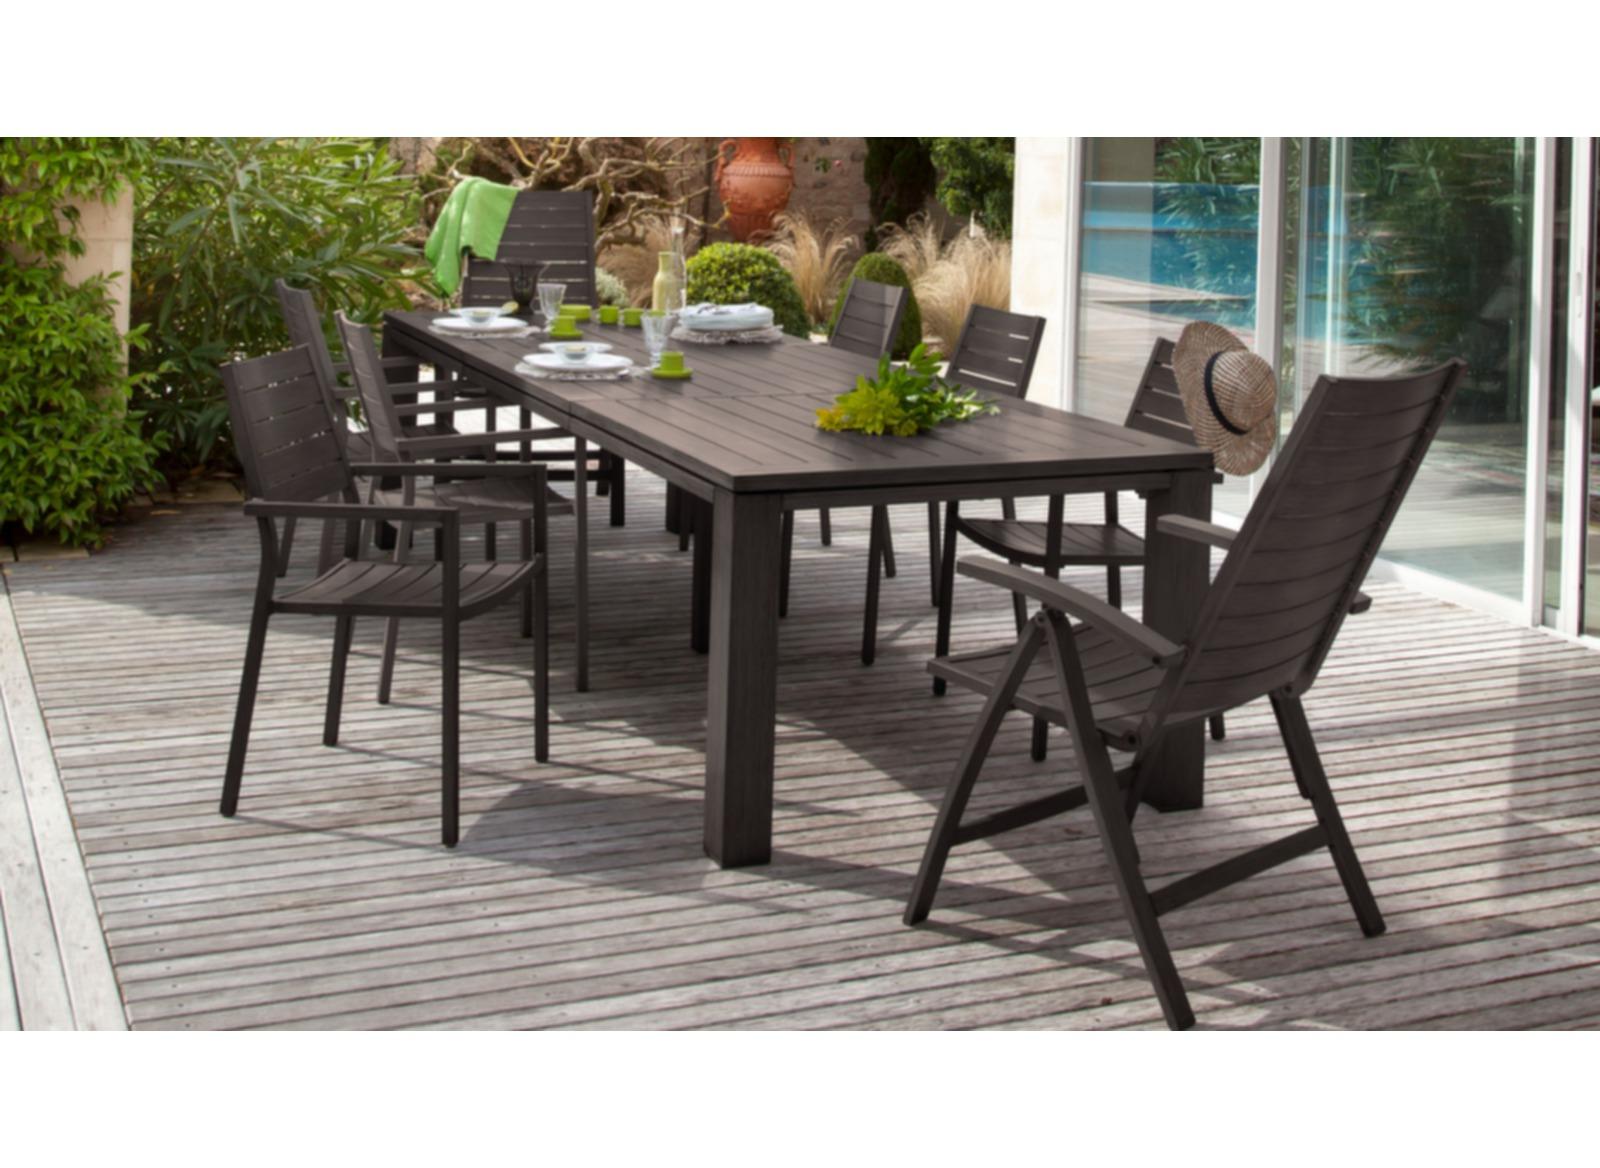 fauteuil de jardin multiposition latino oc o. Black Bedroom Furniture Sets. Home Design Ideas